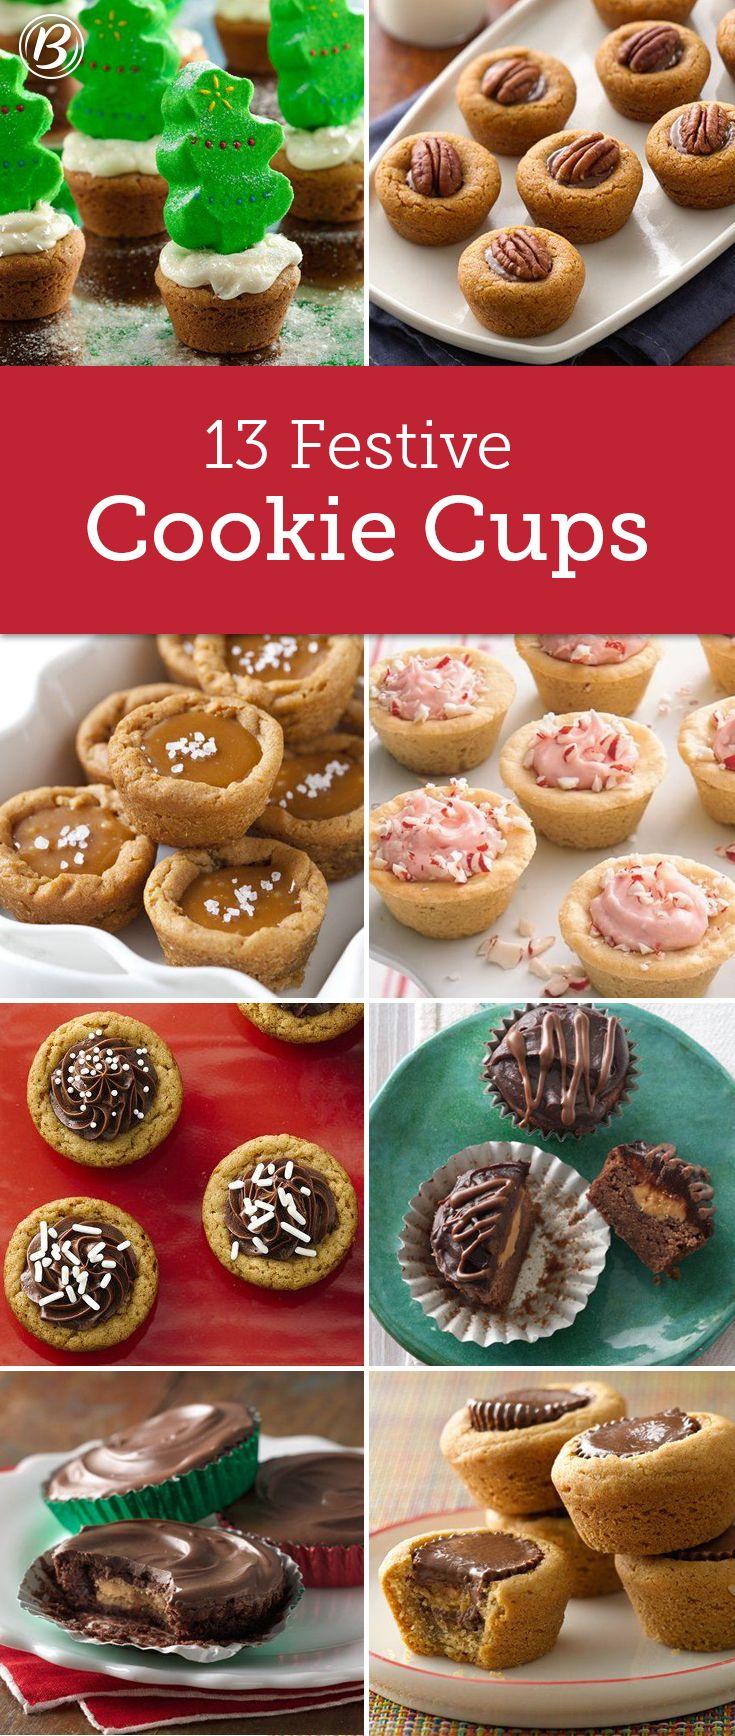 15 Cute Christmas Cookie Cups In 2019 Christmas Cookies Cookies